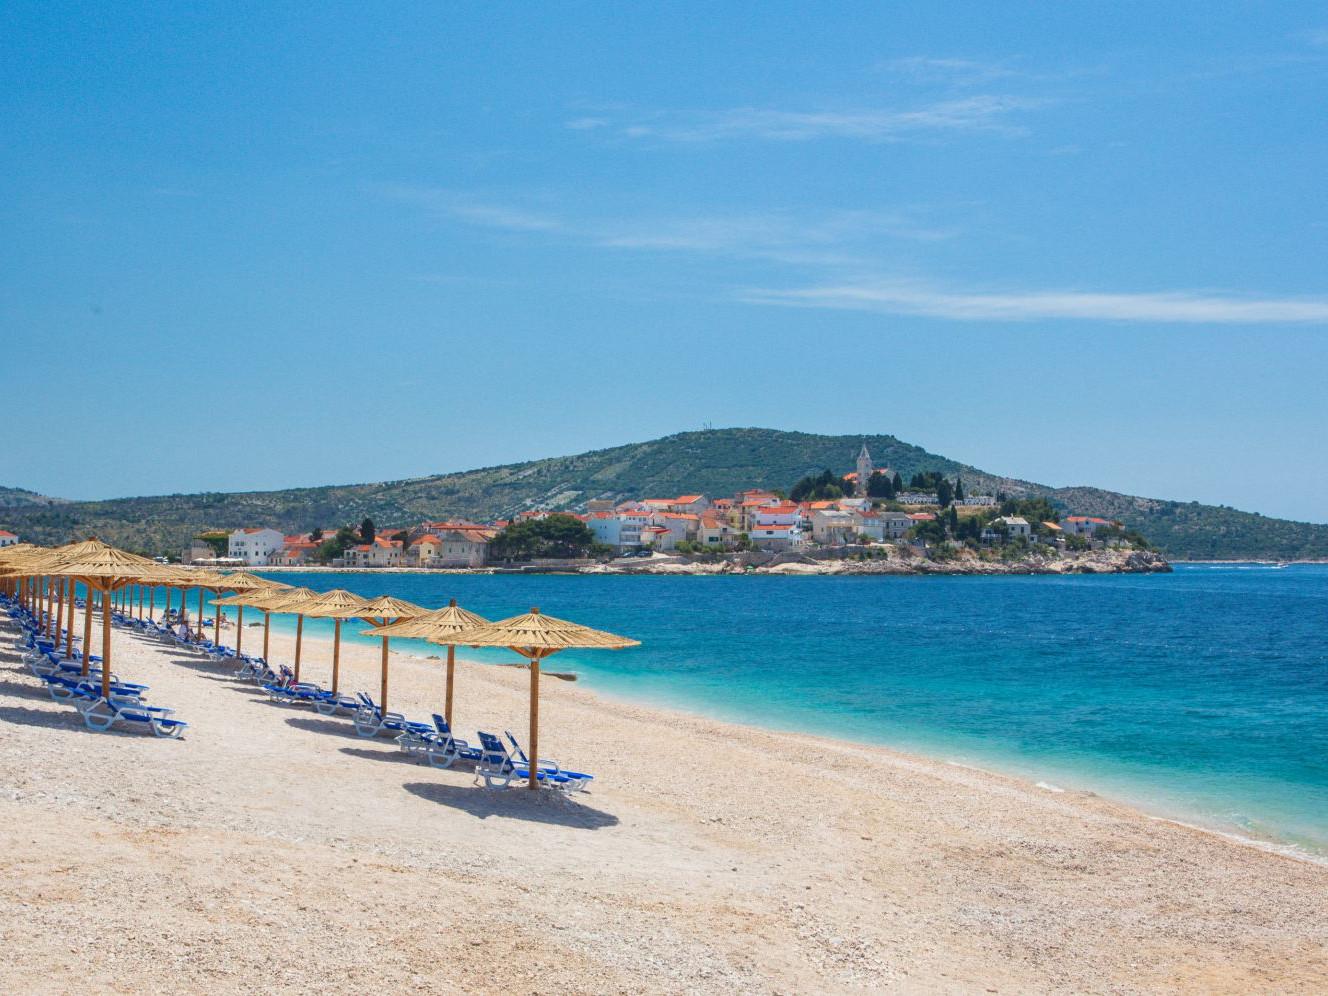 beach 06 14638554239 o 1 uai - Zora Hotel